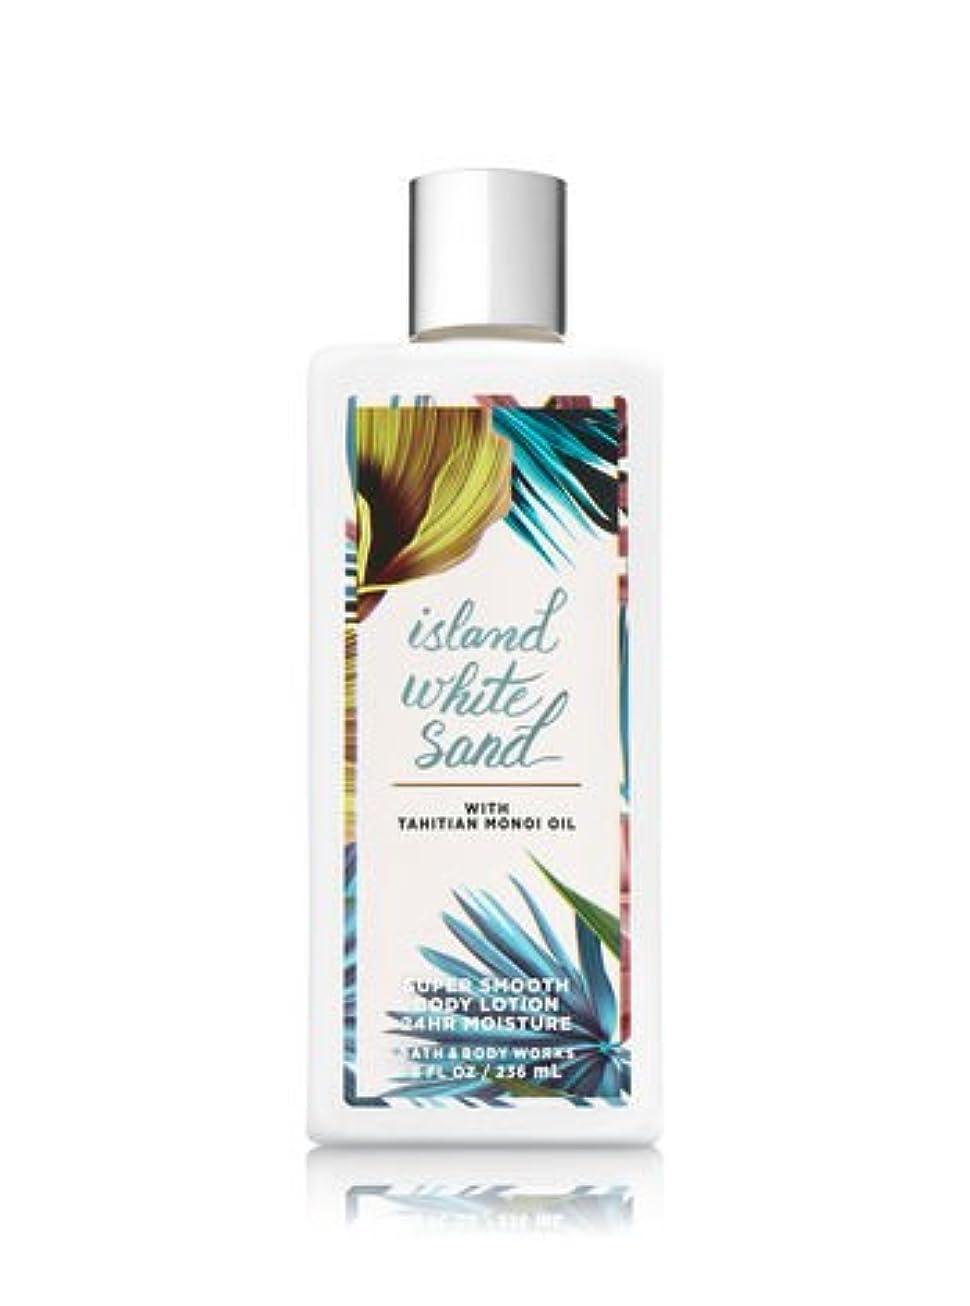 確認してください乳剤温室【Bath&Body Works/バス&ボディワークス】 ボディローション アイランドホワイトサンド Super Smooth Body Lotion Island White Sand 8 fl oz / 236 mL...